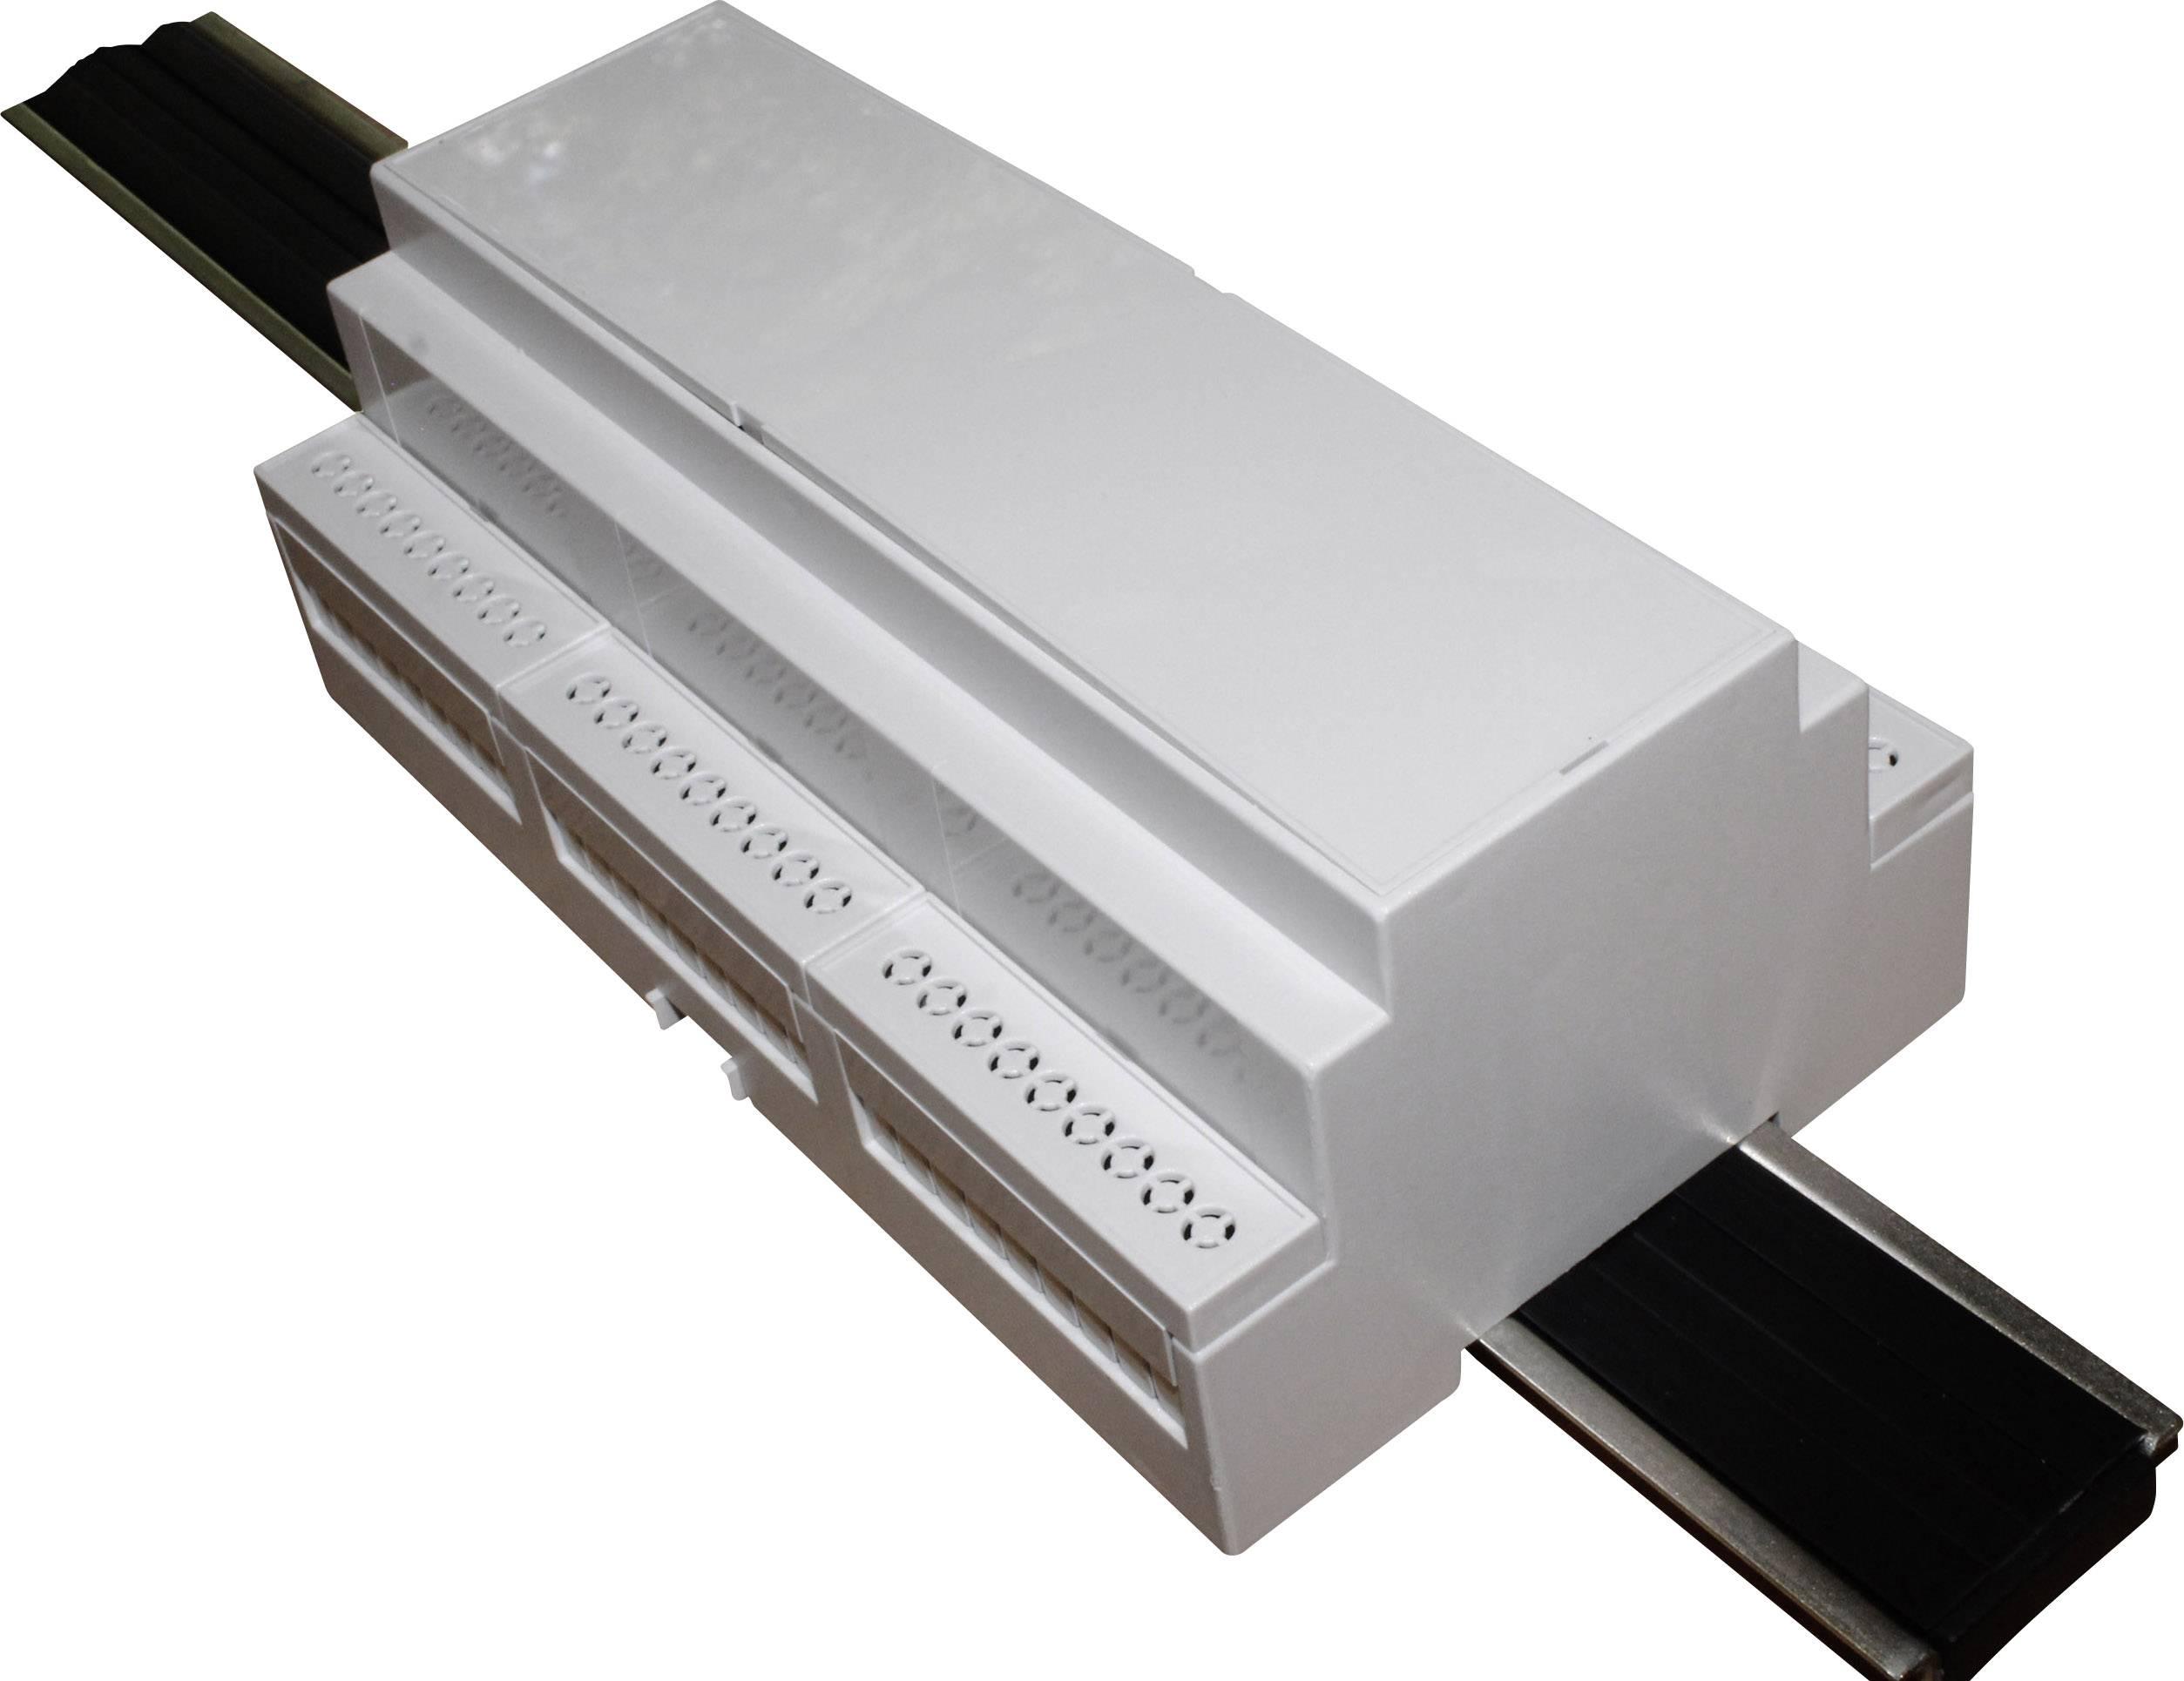 Pouzdro na DIN lištu Axxatronic CNMB/9/KIT/ACTIVE25-CON 58 x 159 x 90 , polykarbonát, šedá, 1 ks